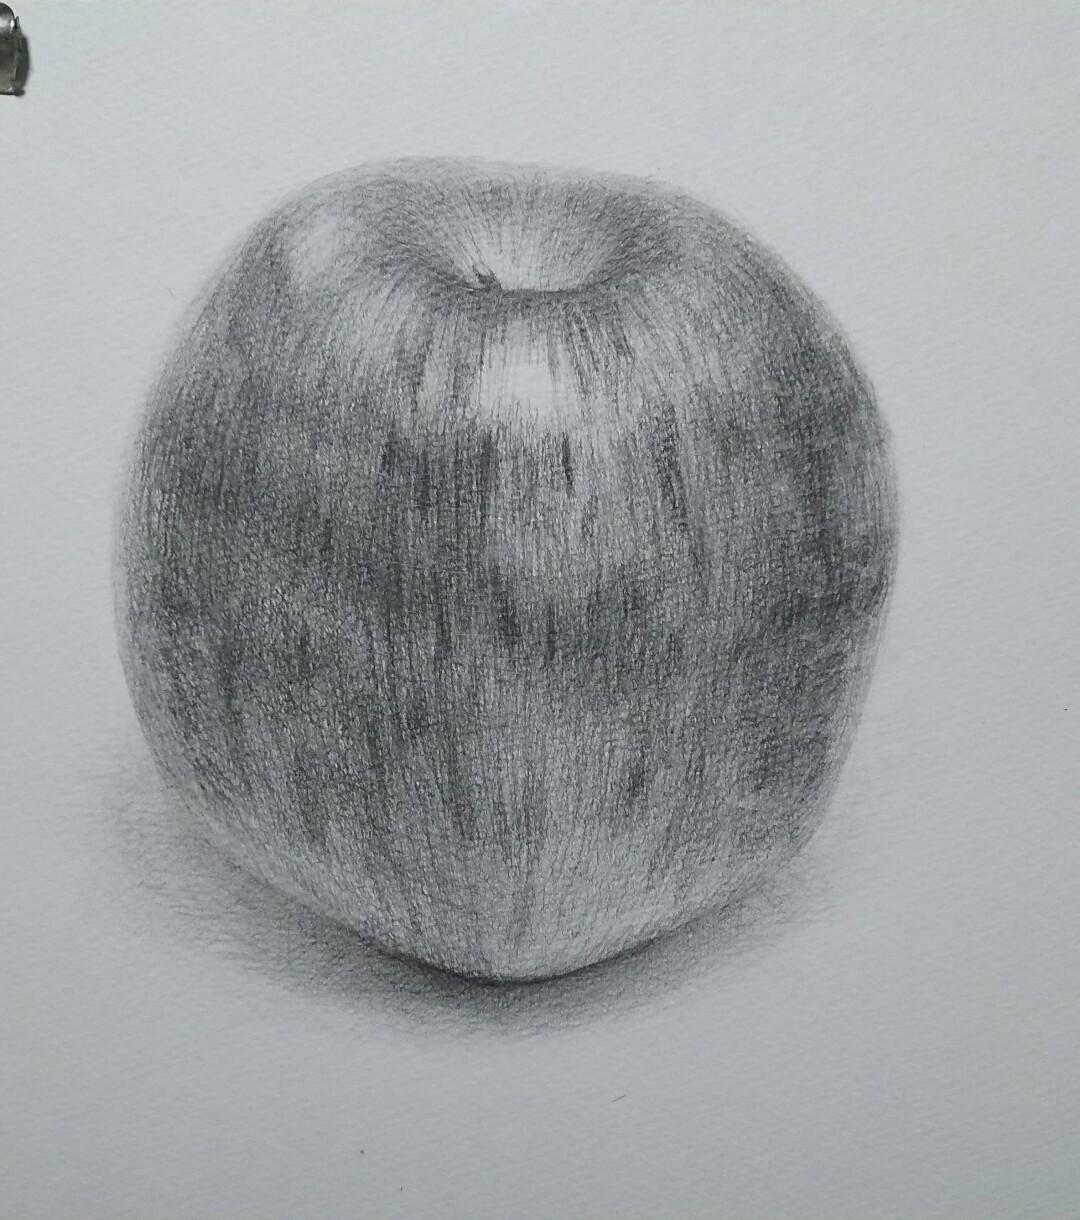 赤いりんご、順光気味、白い紙の上に配置